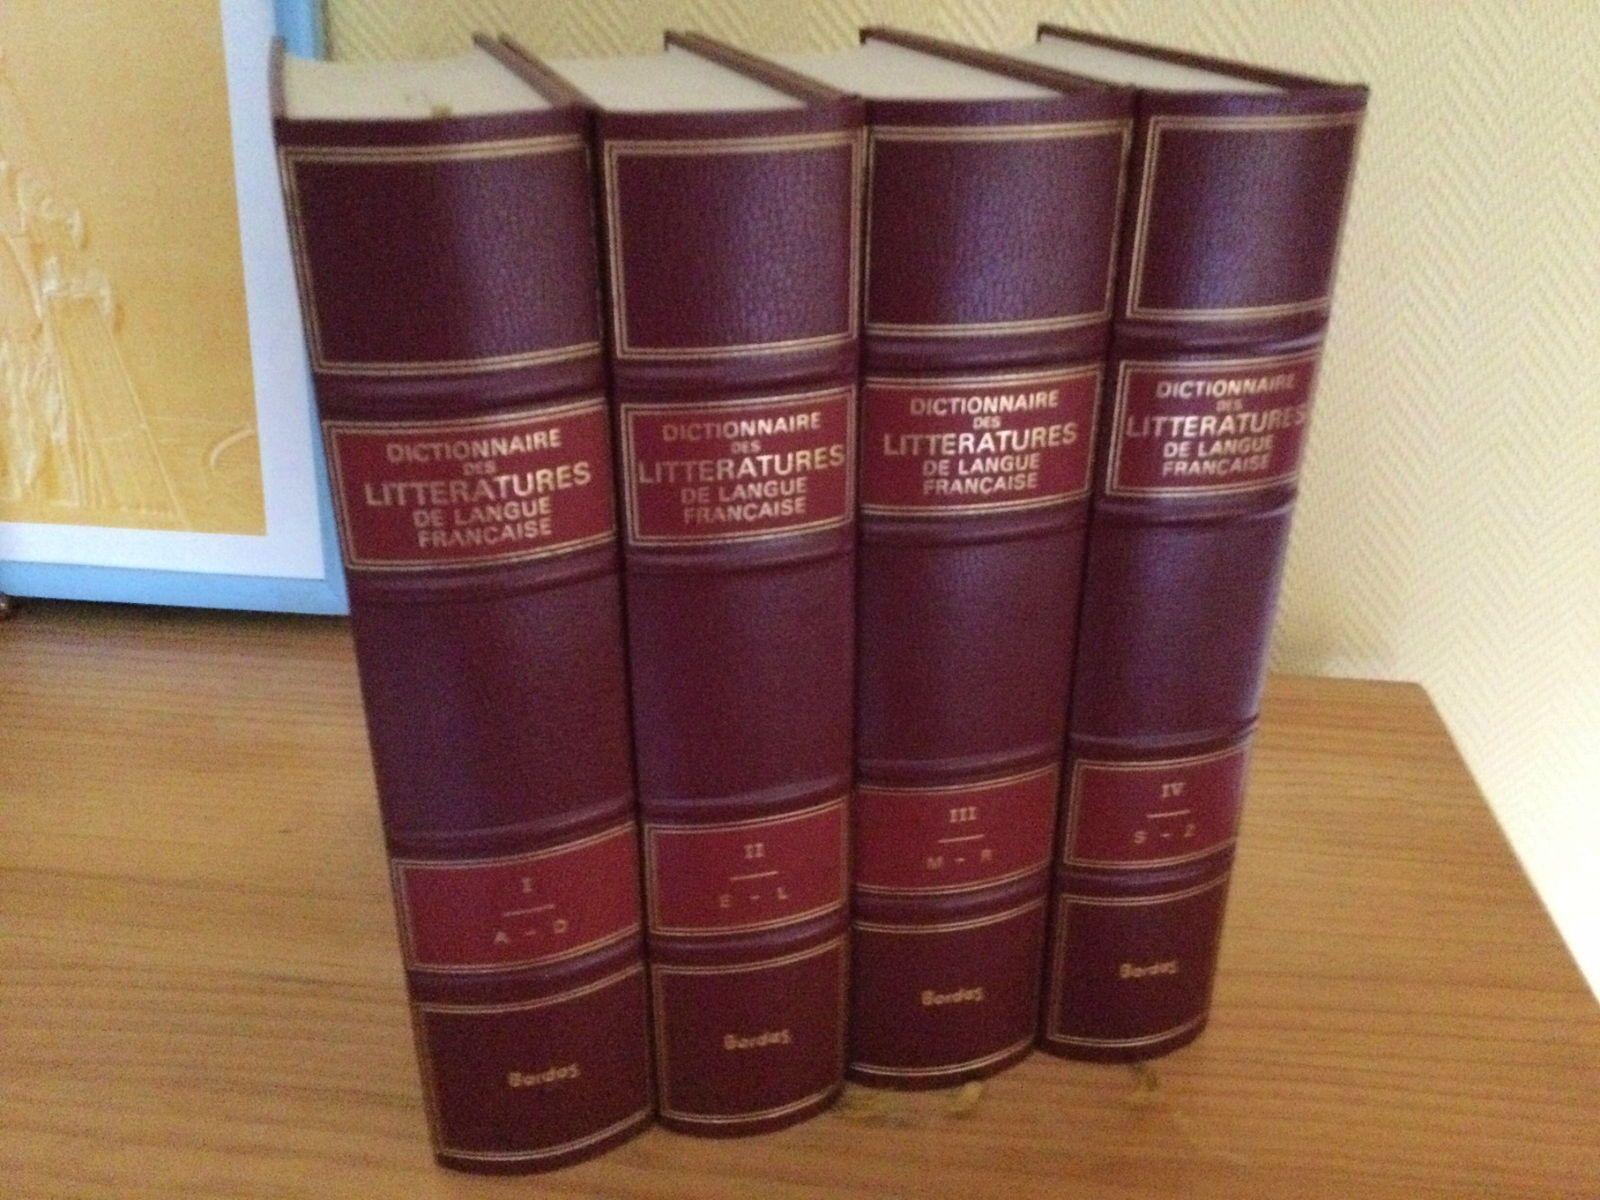 Dictionnaire des littératures de langue française 4volumes